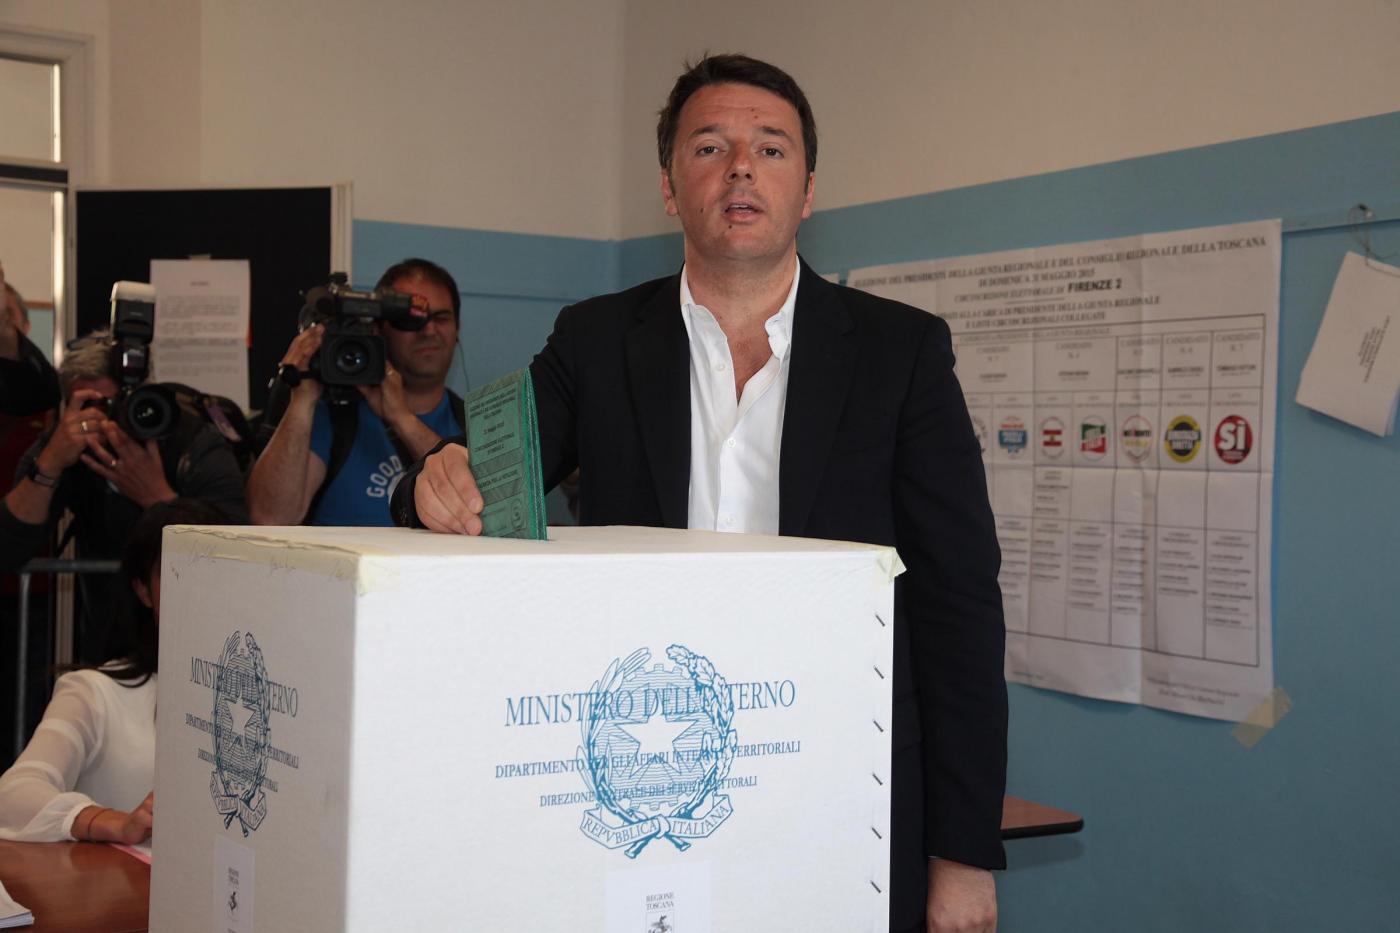 Elezioni regionali 2015, risultati: il PD perde la Liguria, De Luca vince in Campania